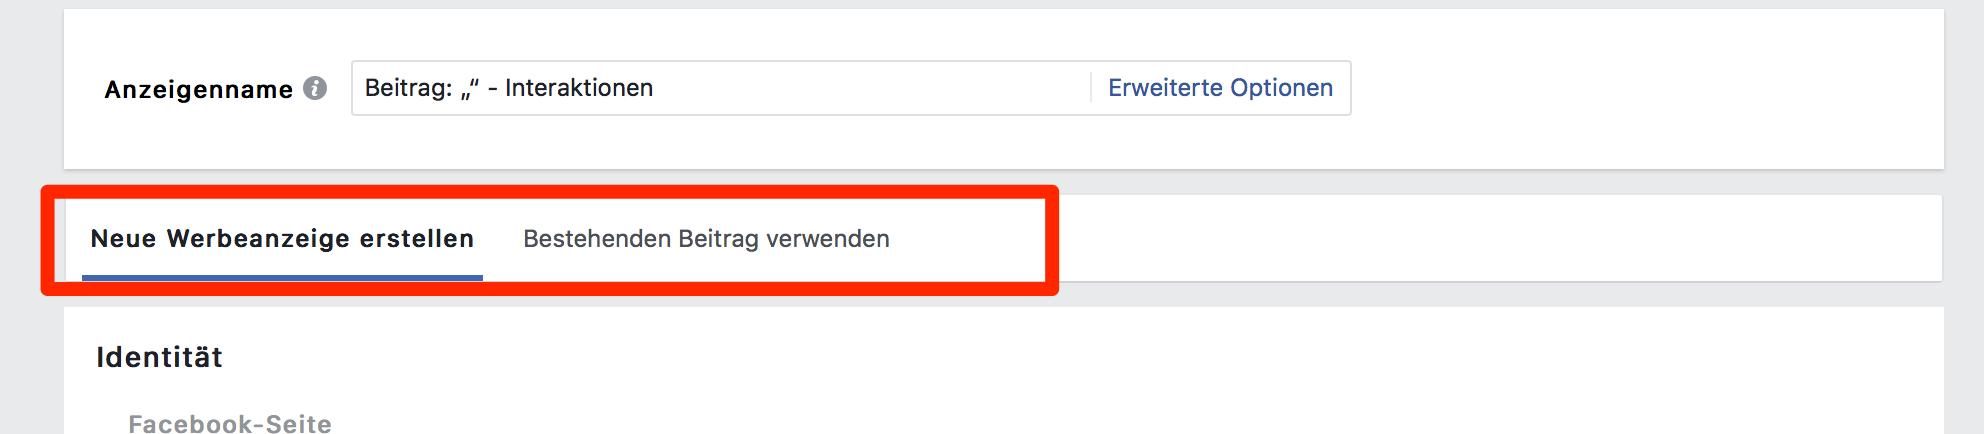 ADS ERSTELLEN - WAS JEDER WISSEN SOLLTE!